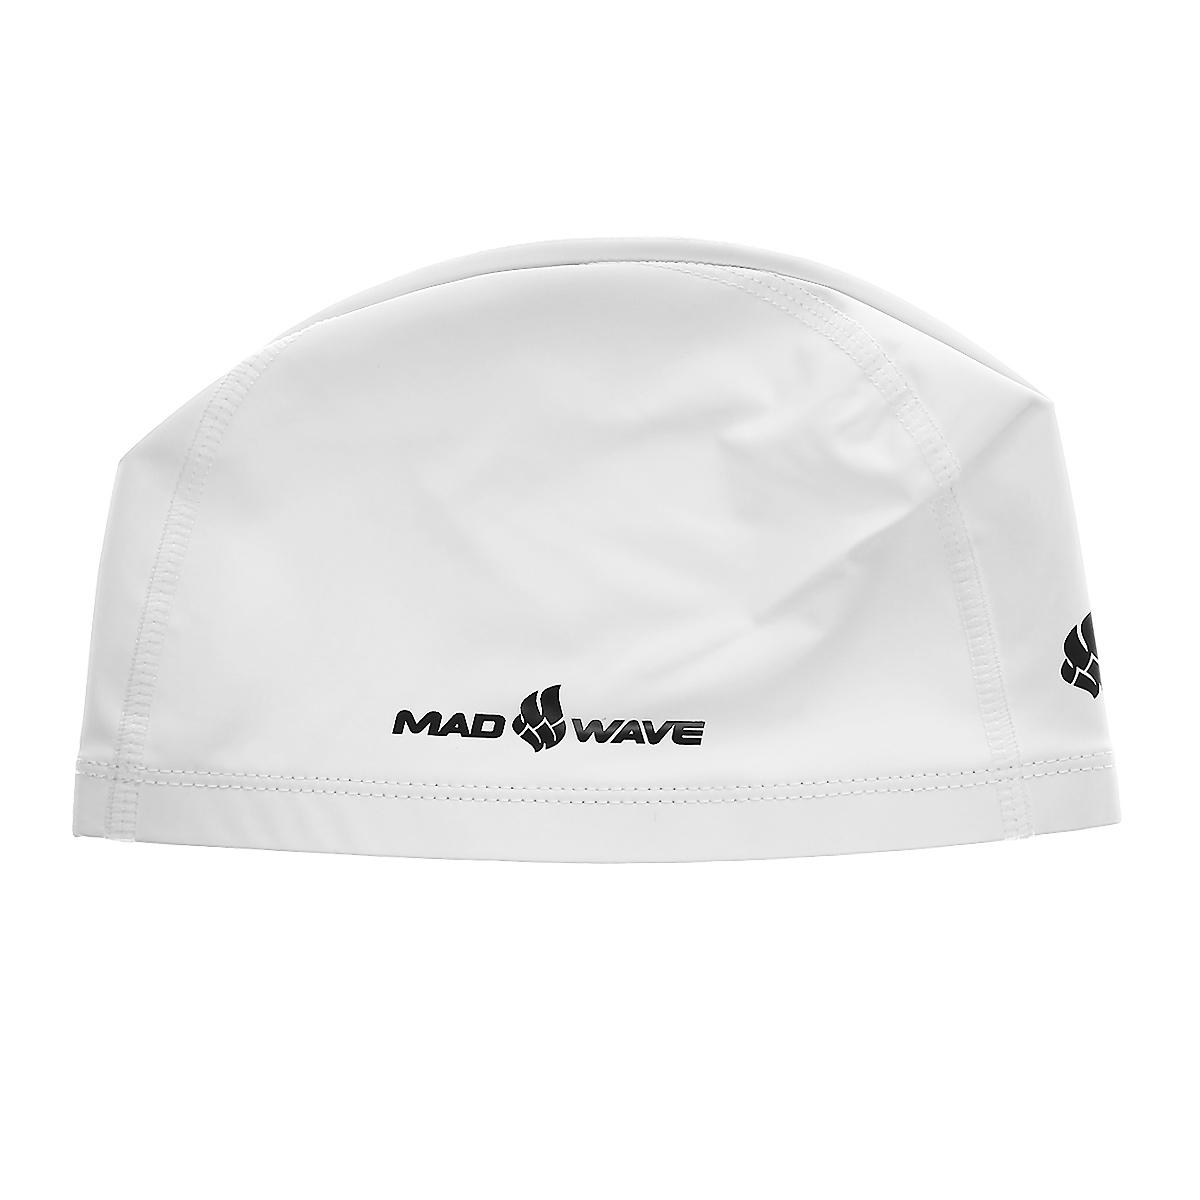 Шапочка для плавания Mad Wave PUT Coated, цвет: белый3B327Текстильная шапочка Mad Wave PUT Coated с полиуретановым покрытием. Лучший выбор для ежедневных тренировок. Легкая и эргономичая. Легко снимается и надевается, хорошо садится по форме головы и очень комфортна, благодаря комбинации нескольких материалов.